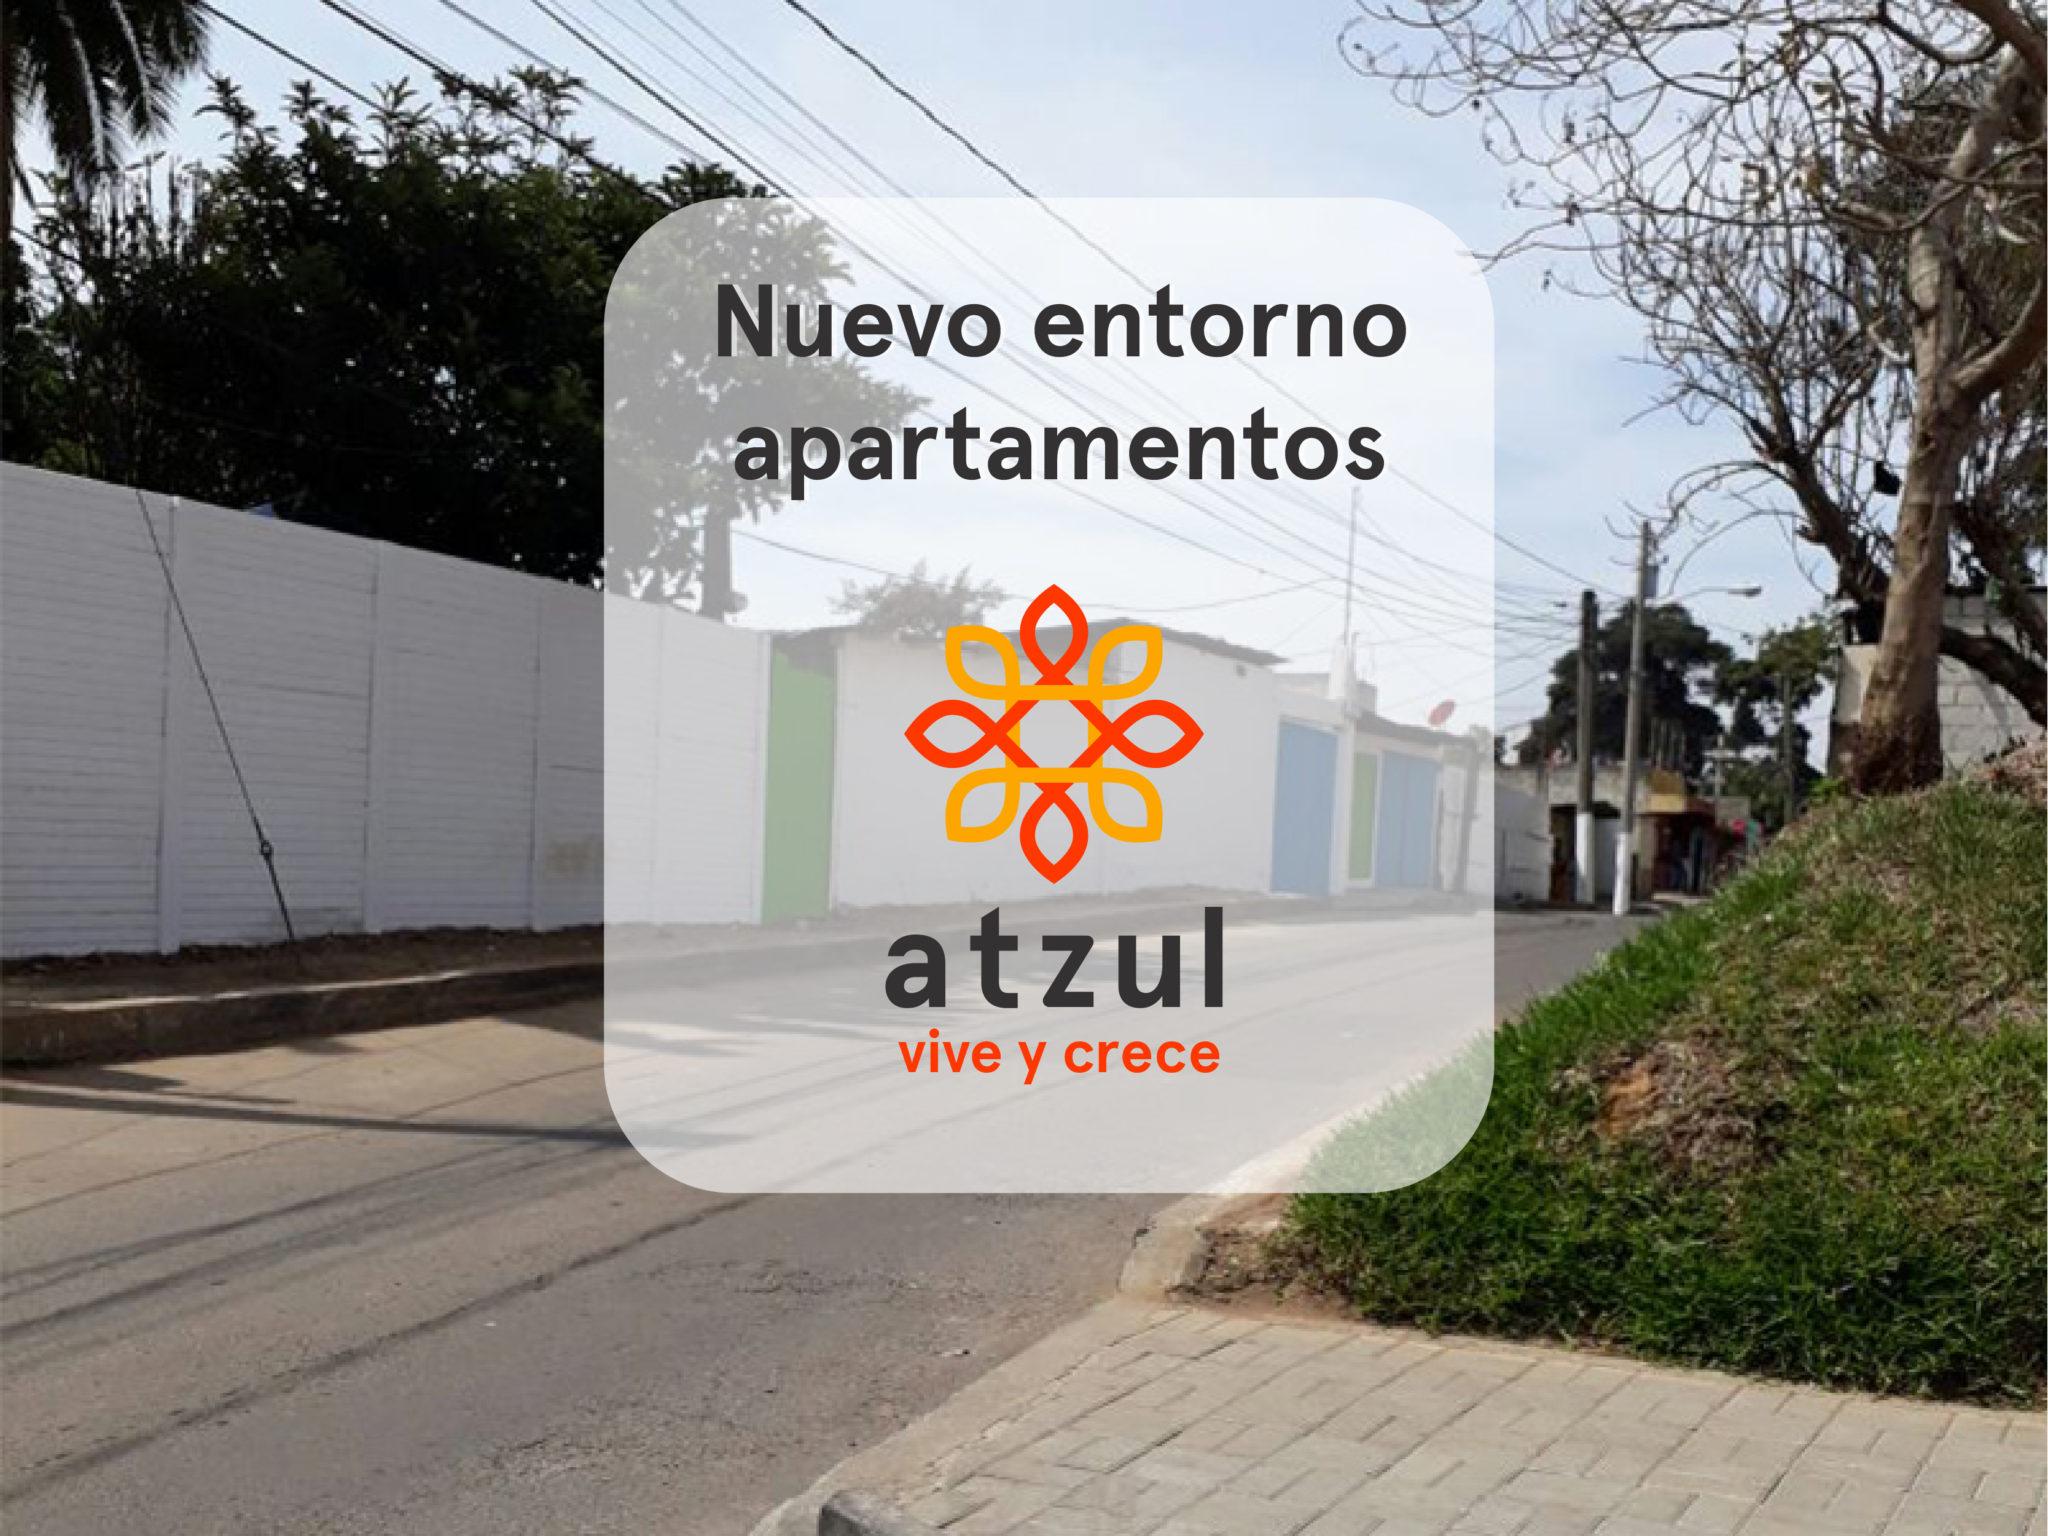 Nuevo entorno Apartamentos Atzul